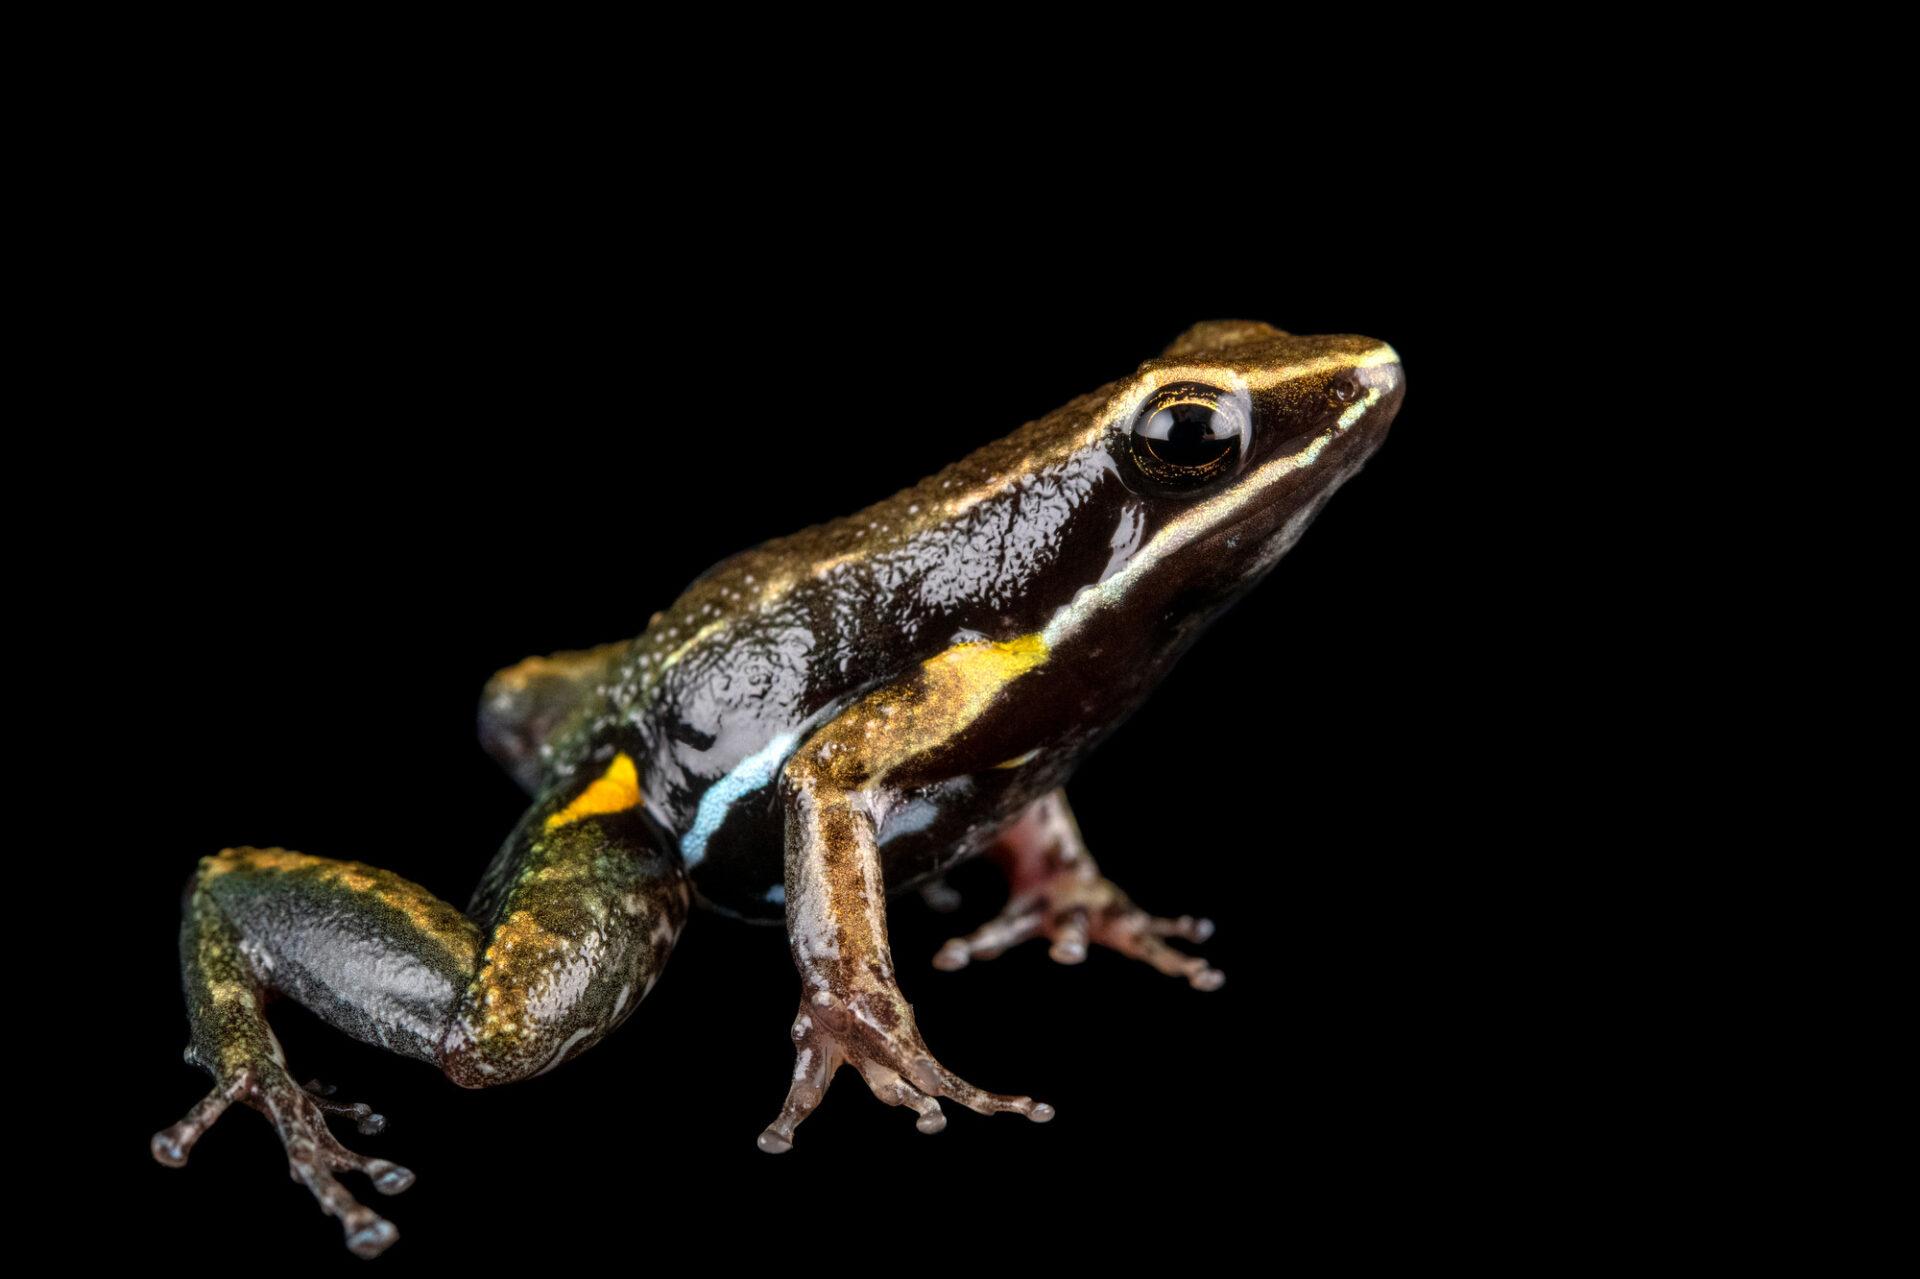 Photo: A pants nurse frog (Allobates femoralis) at Centro Jambatu in Quito, Ecuador.